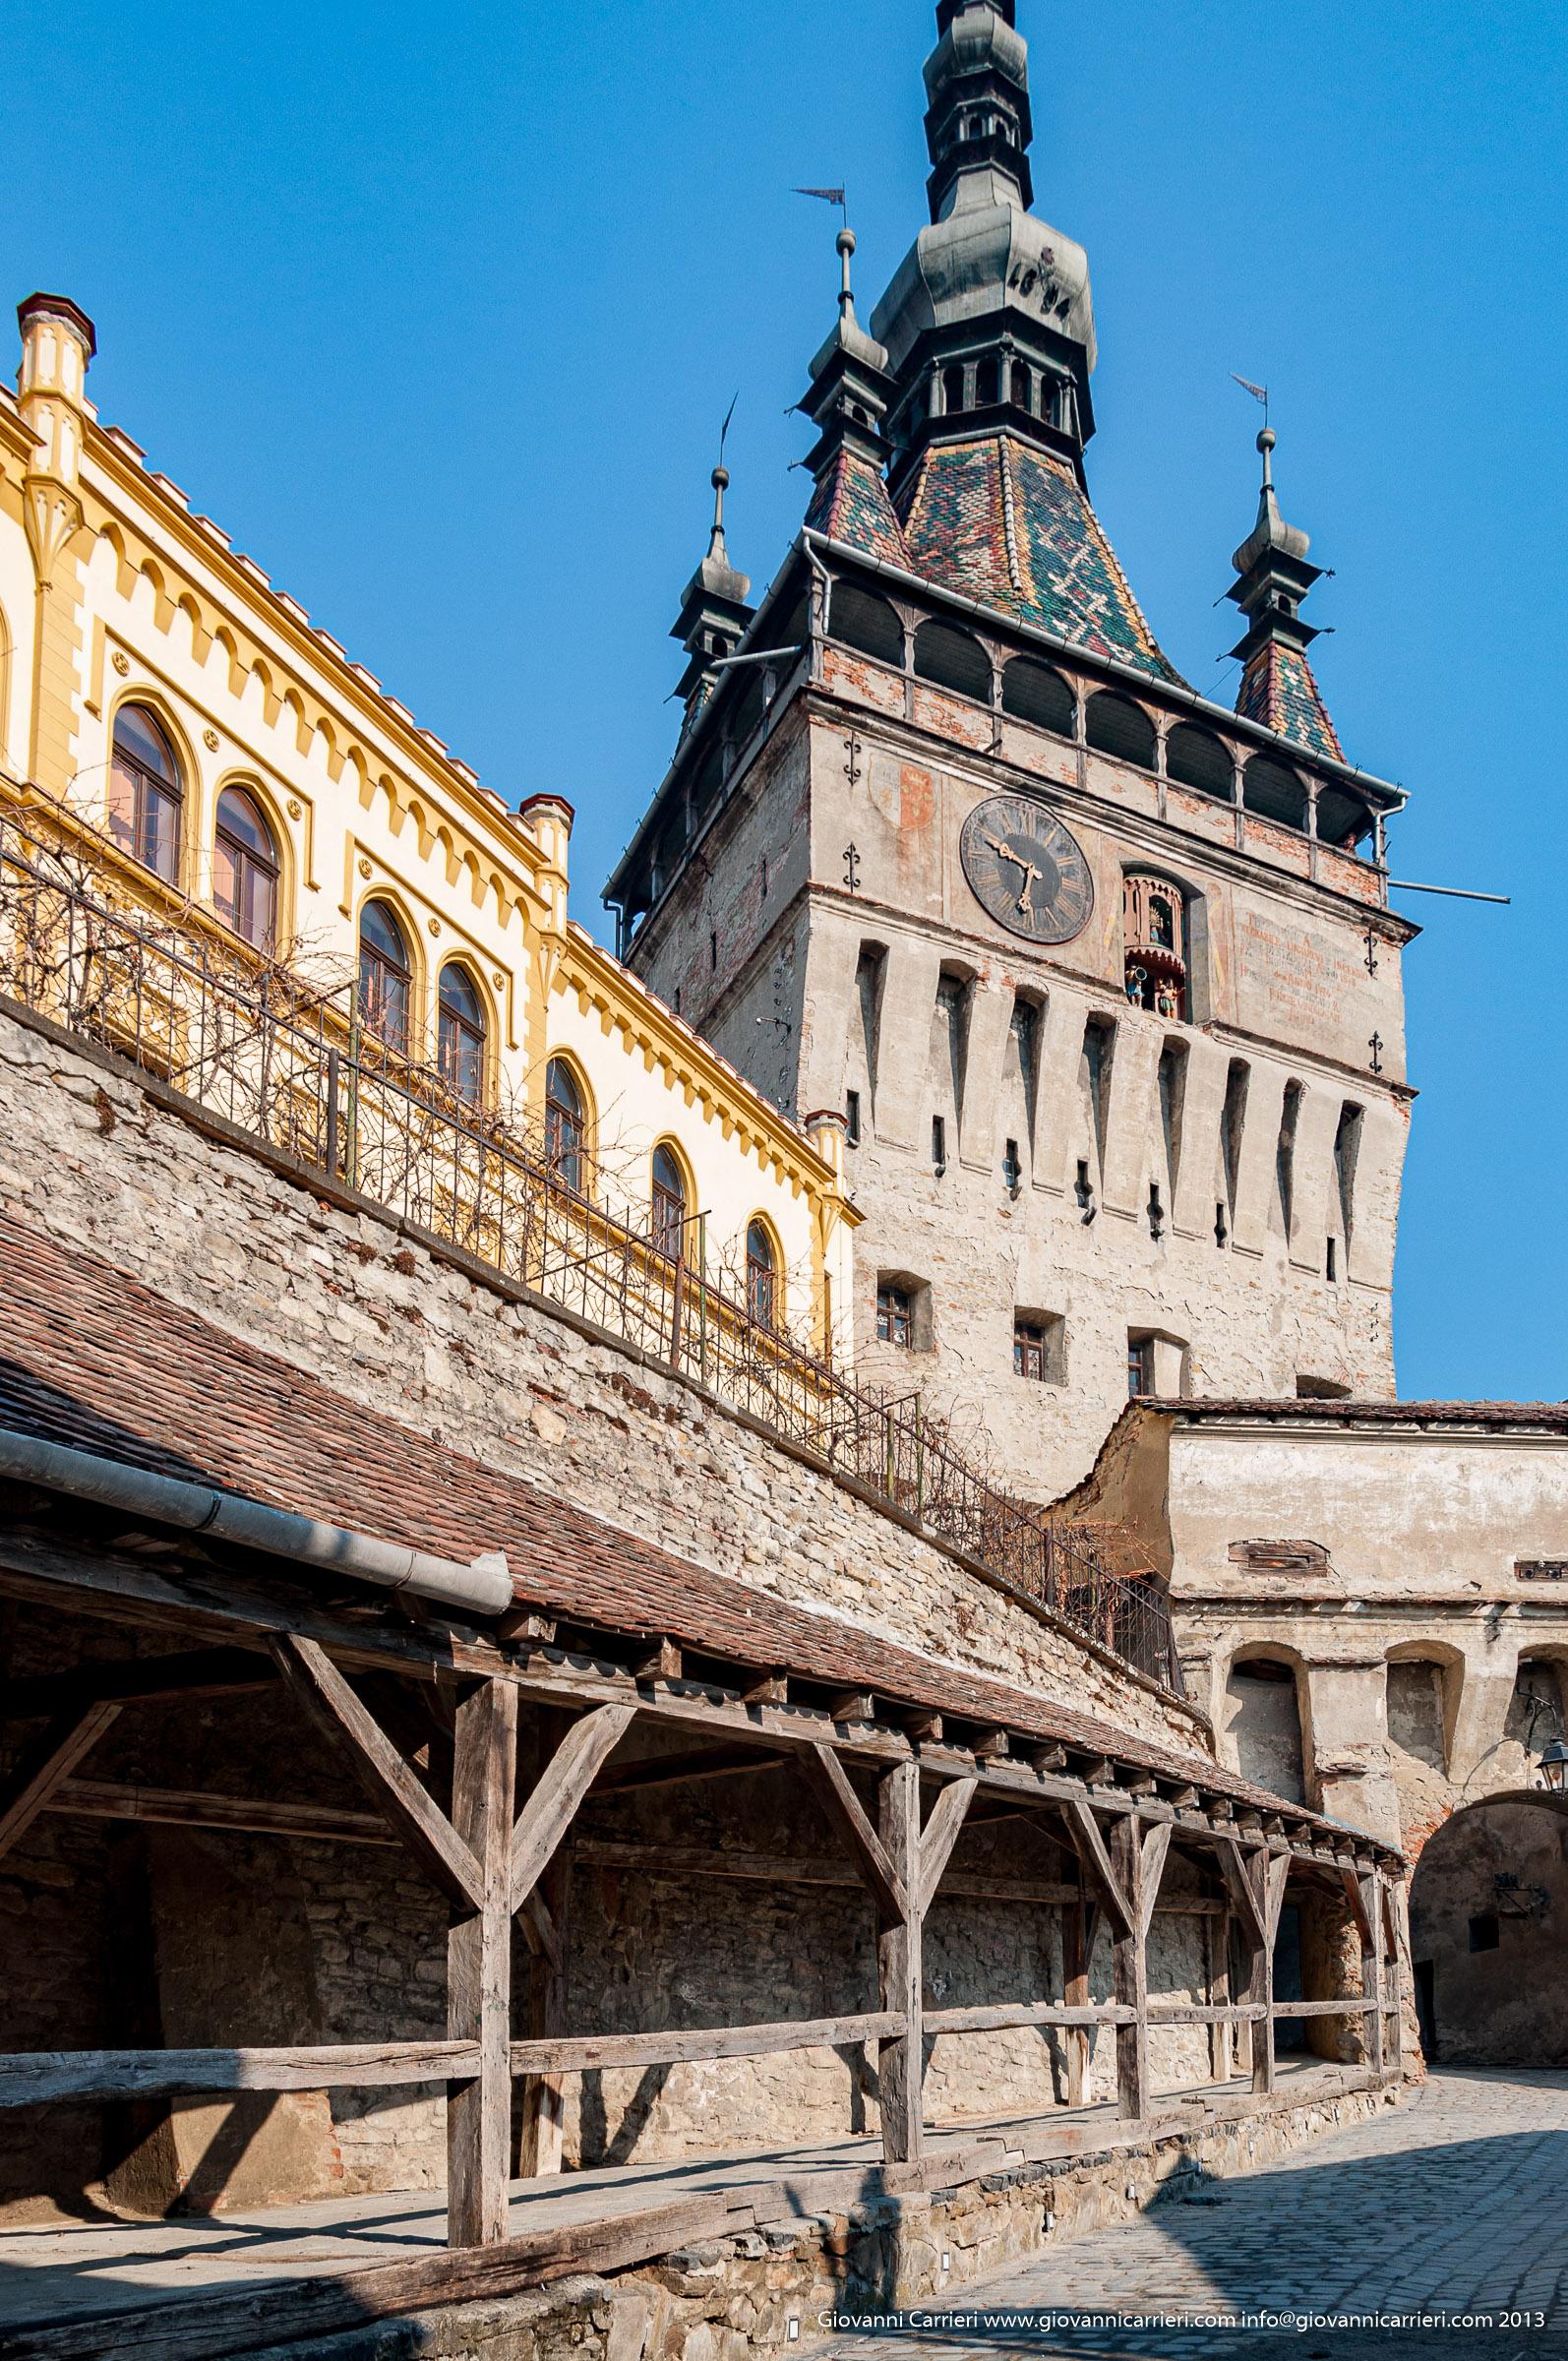 La torre dell'Orologio di Sighisoara - Romania